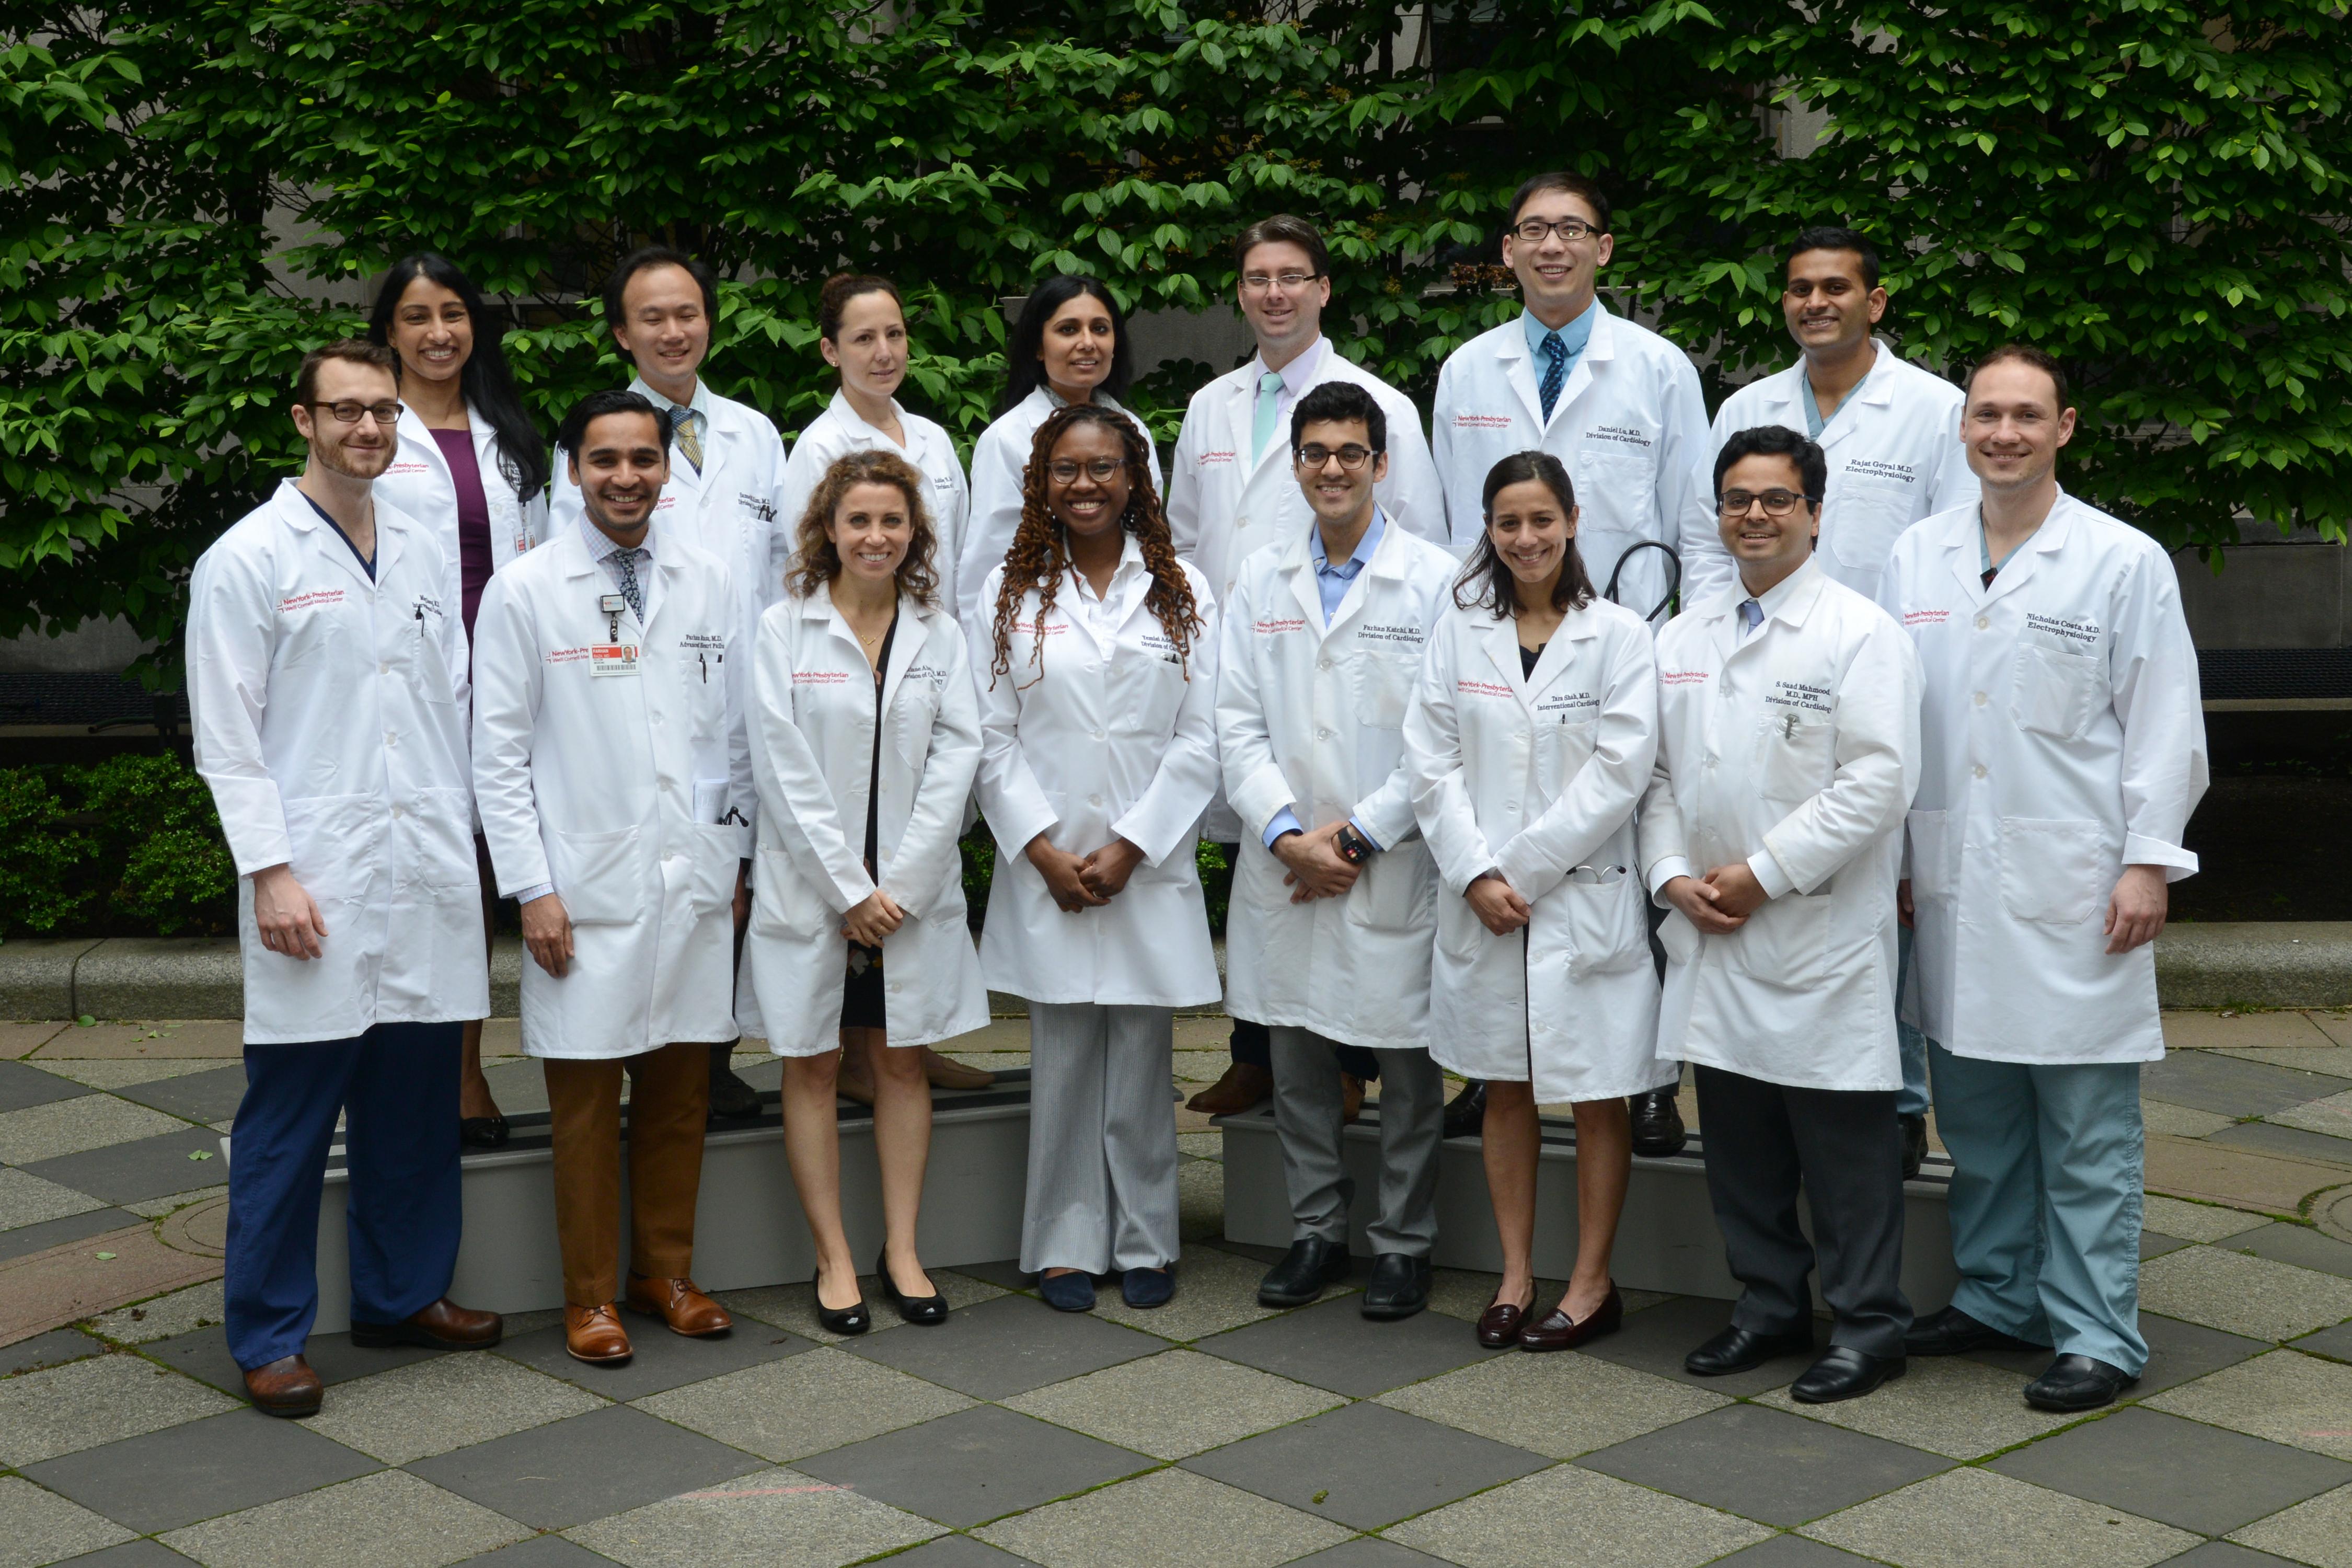 Cardiovascular Disease Fellowship | Cardiology | Weill